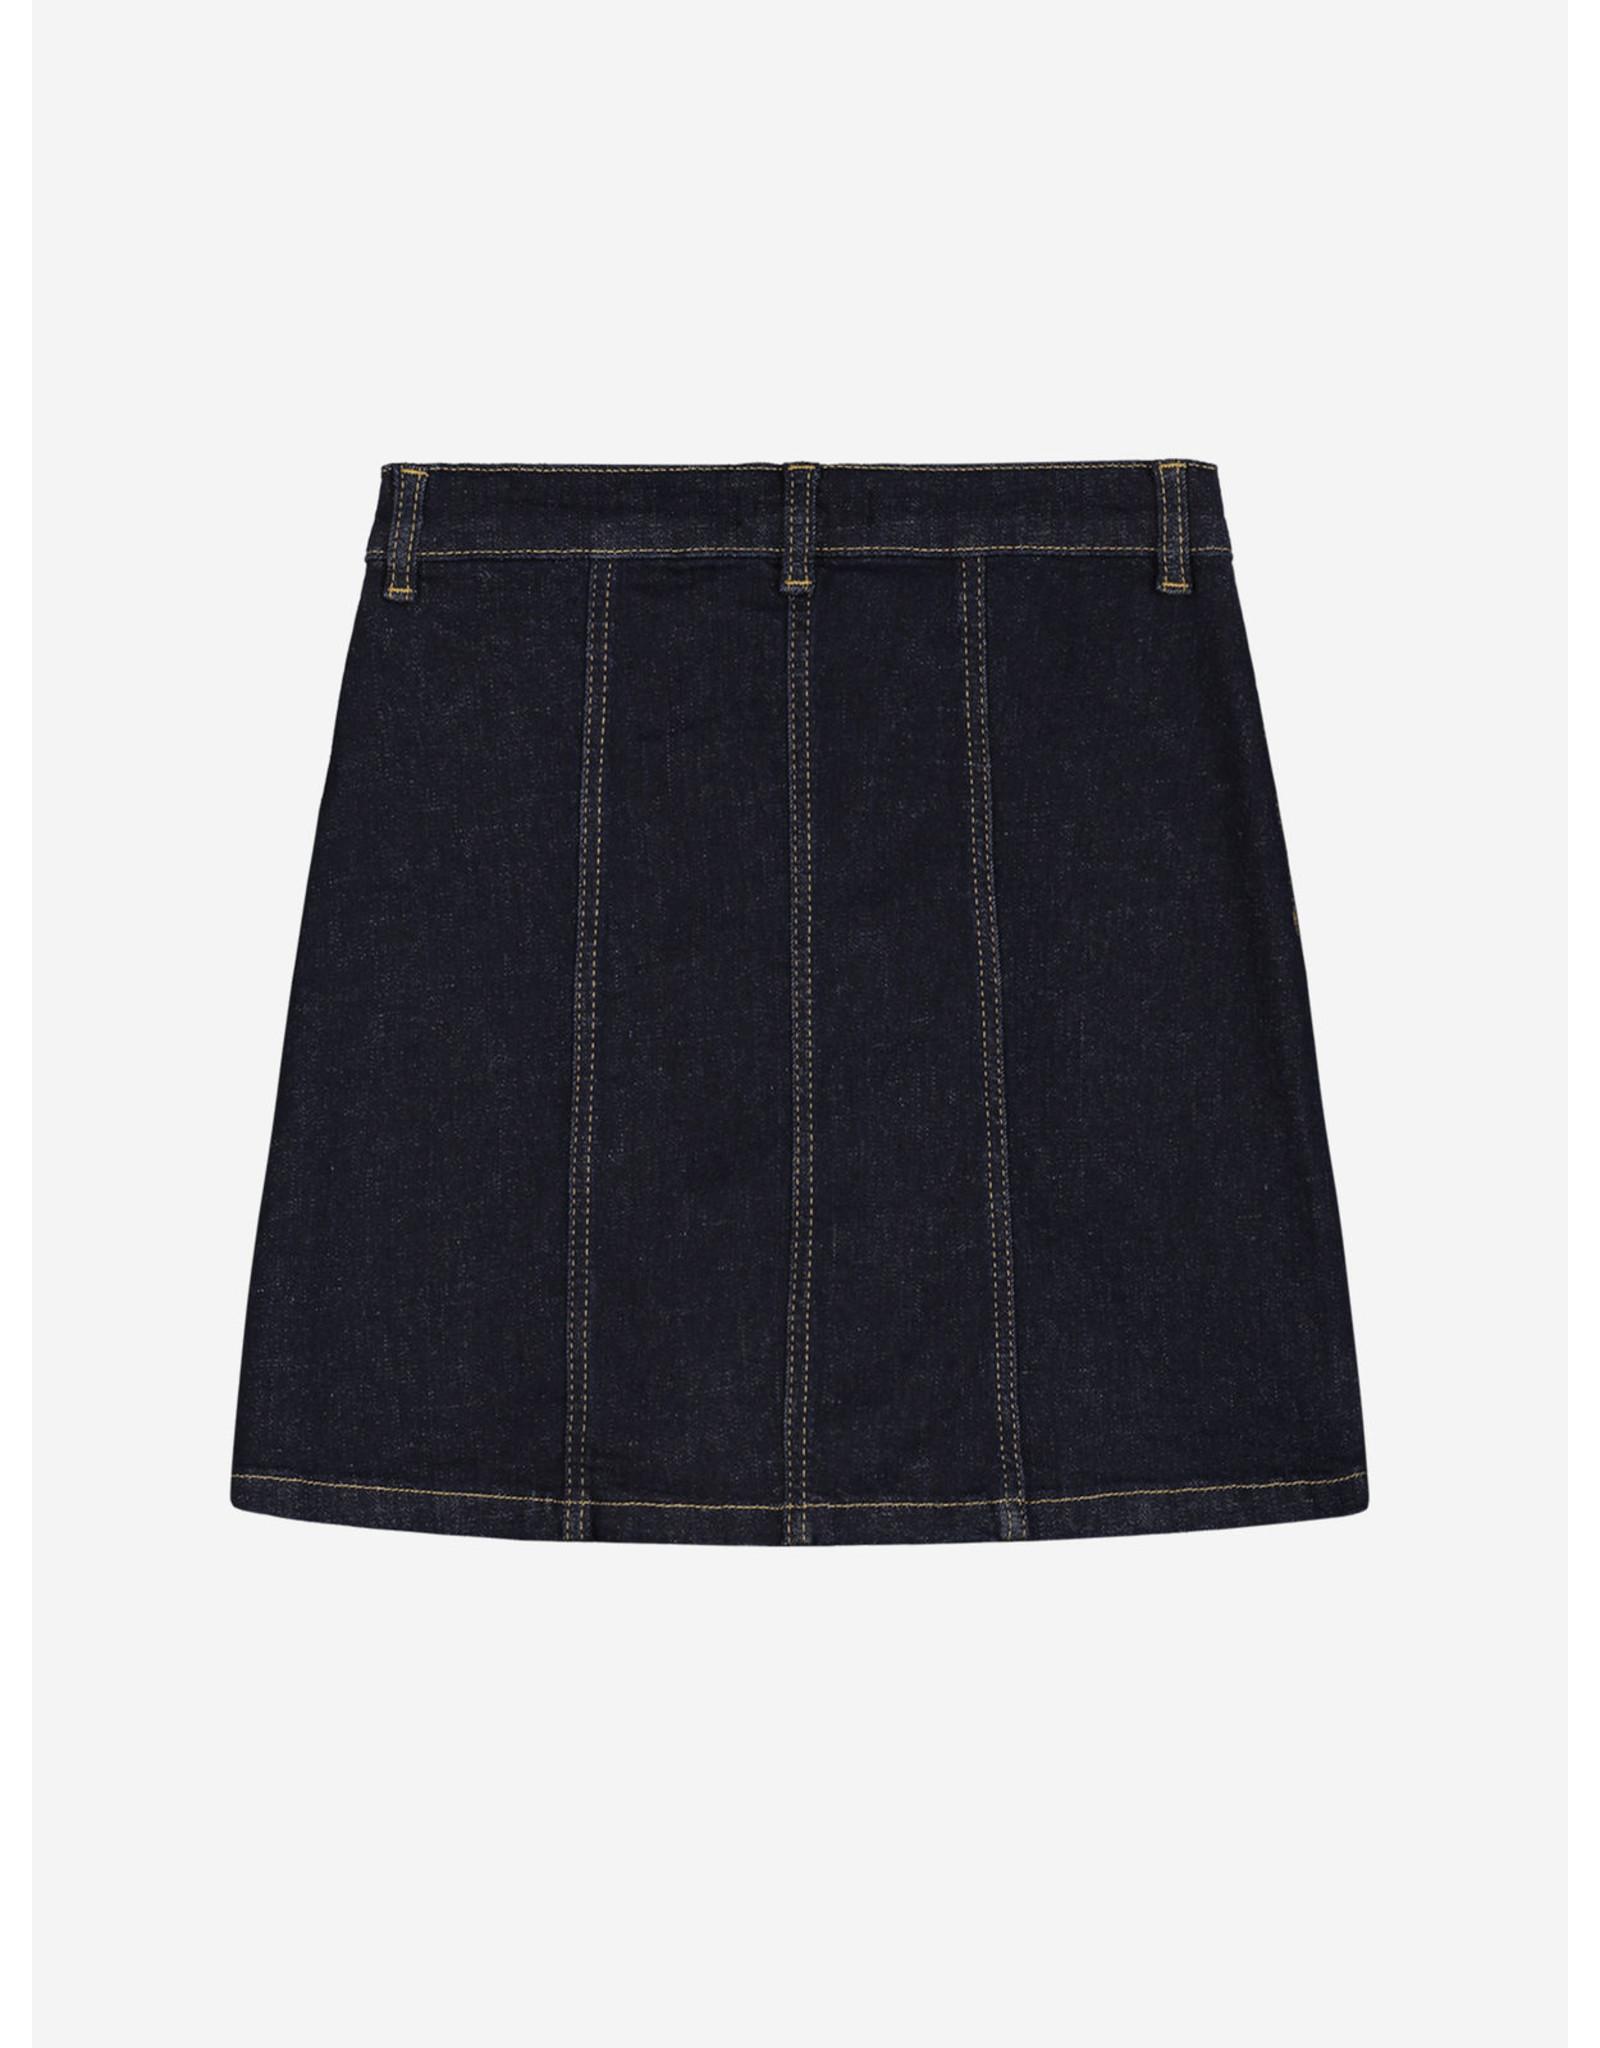 Nik&Nik NIK&NIK Florijne Denim Skirt Blue Denim